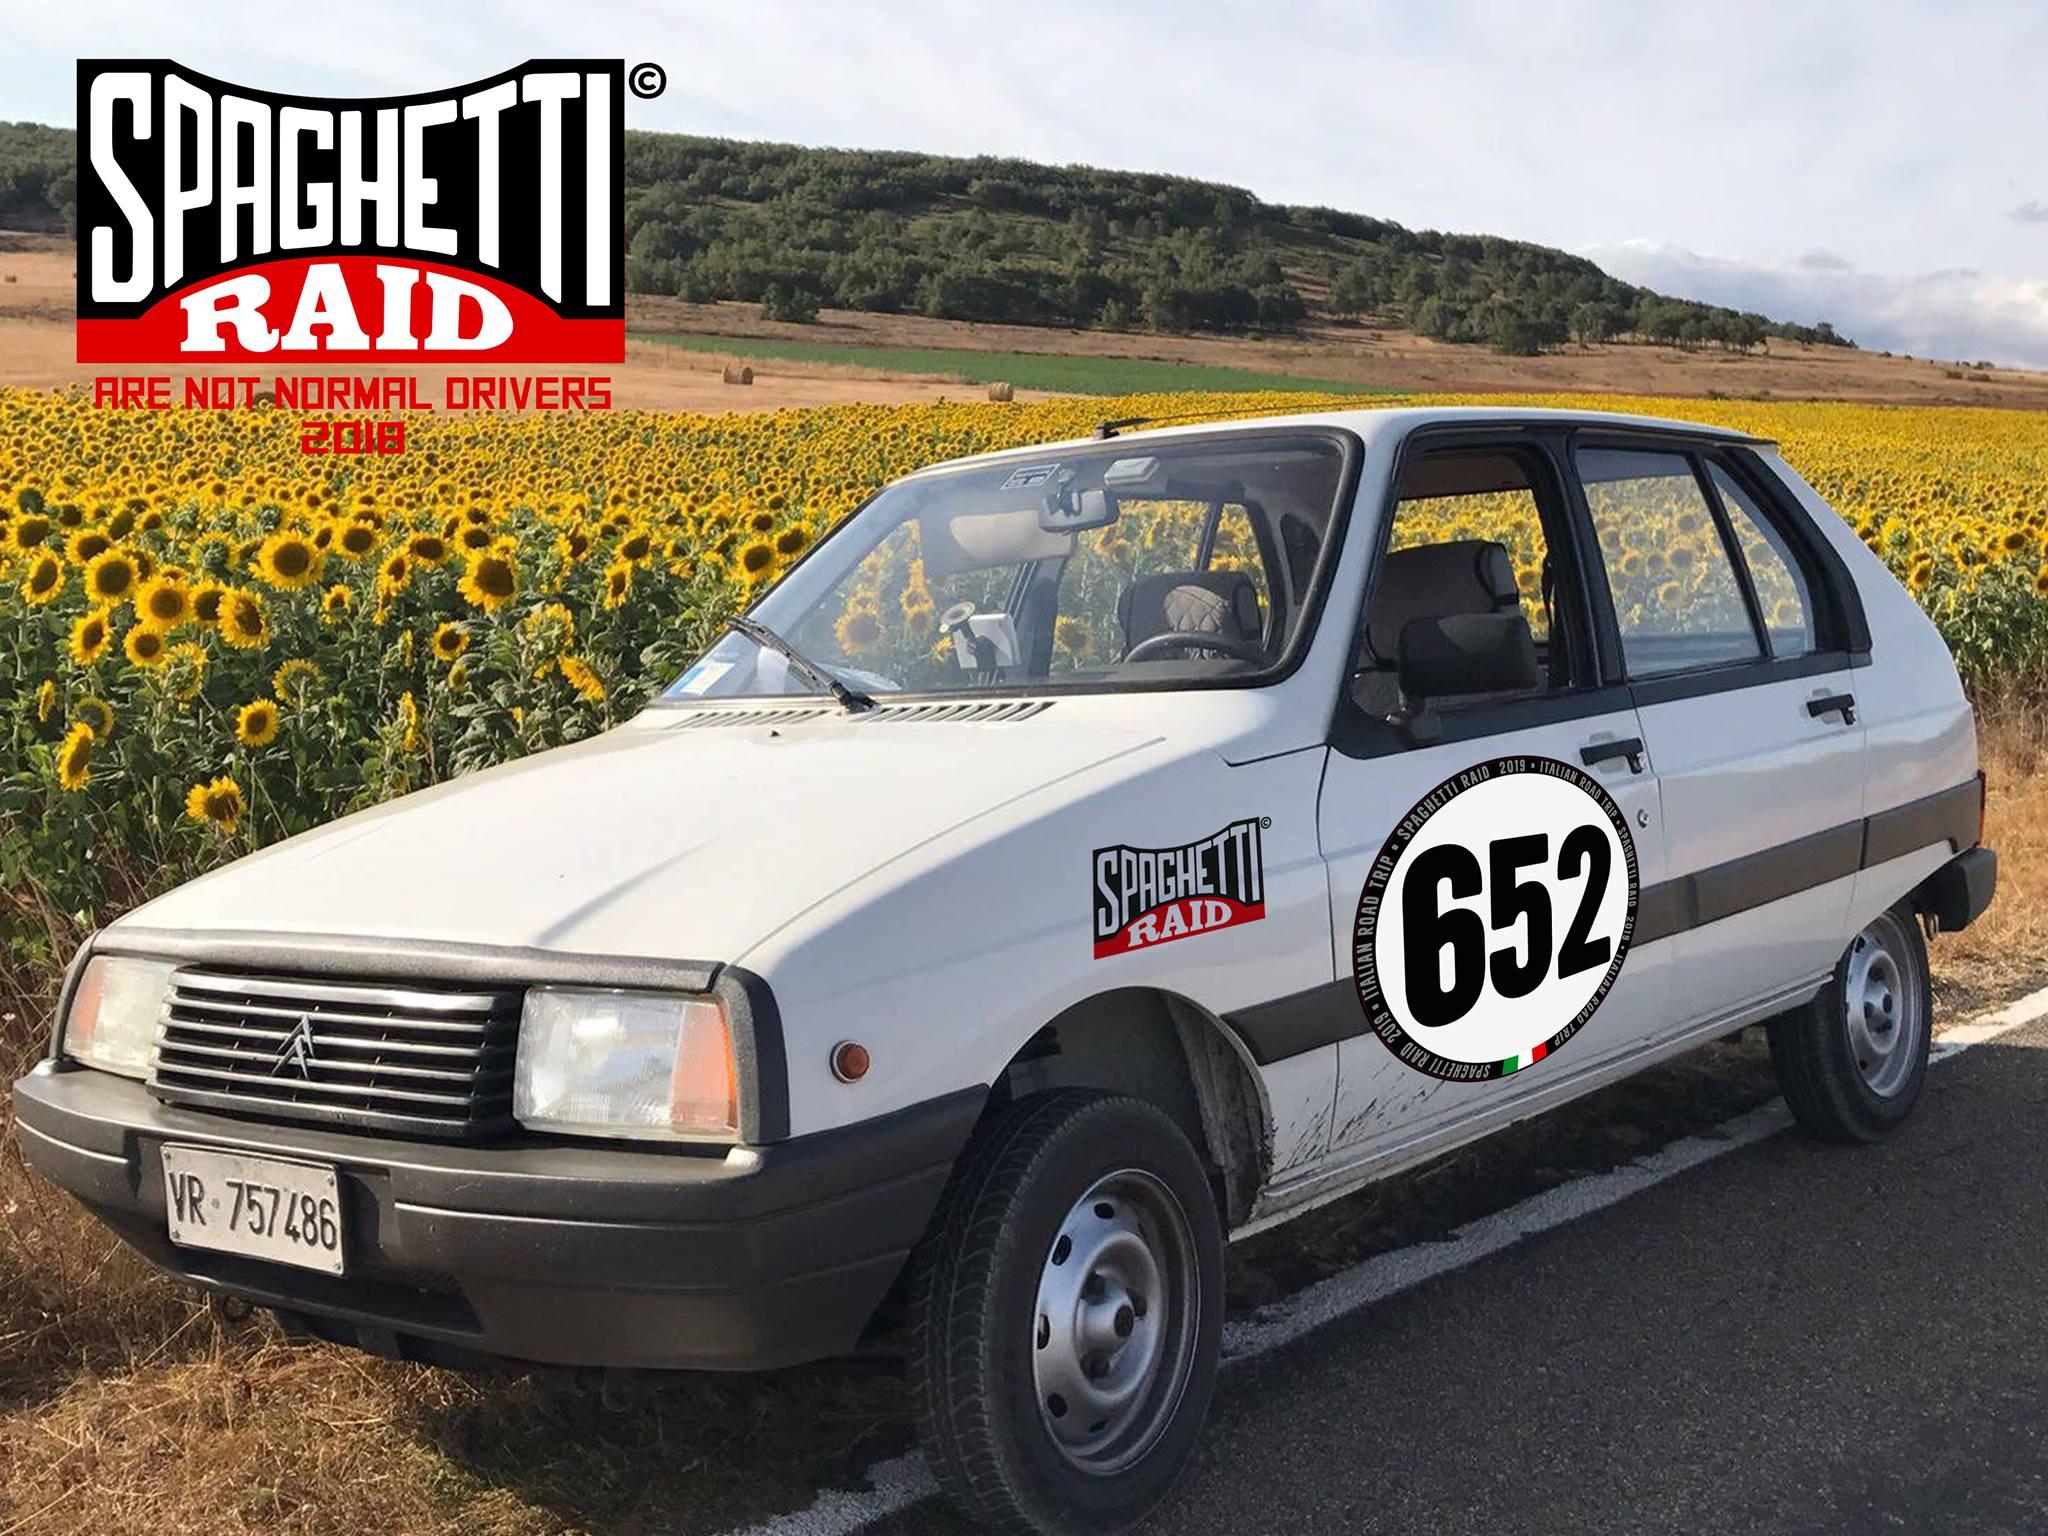 Team I FRANCESI #652 CITROEN VISA 652cc del '86 Città: Sant'Ambrogio di Valpolicella VR